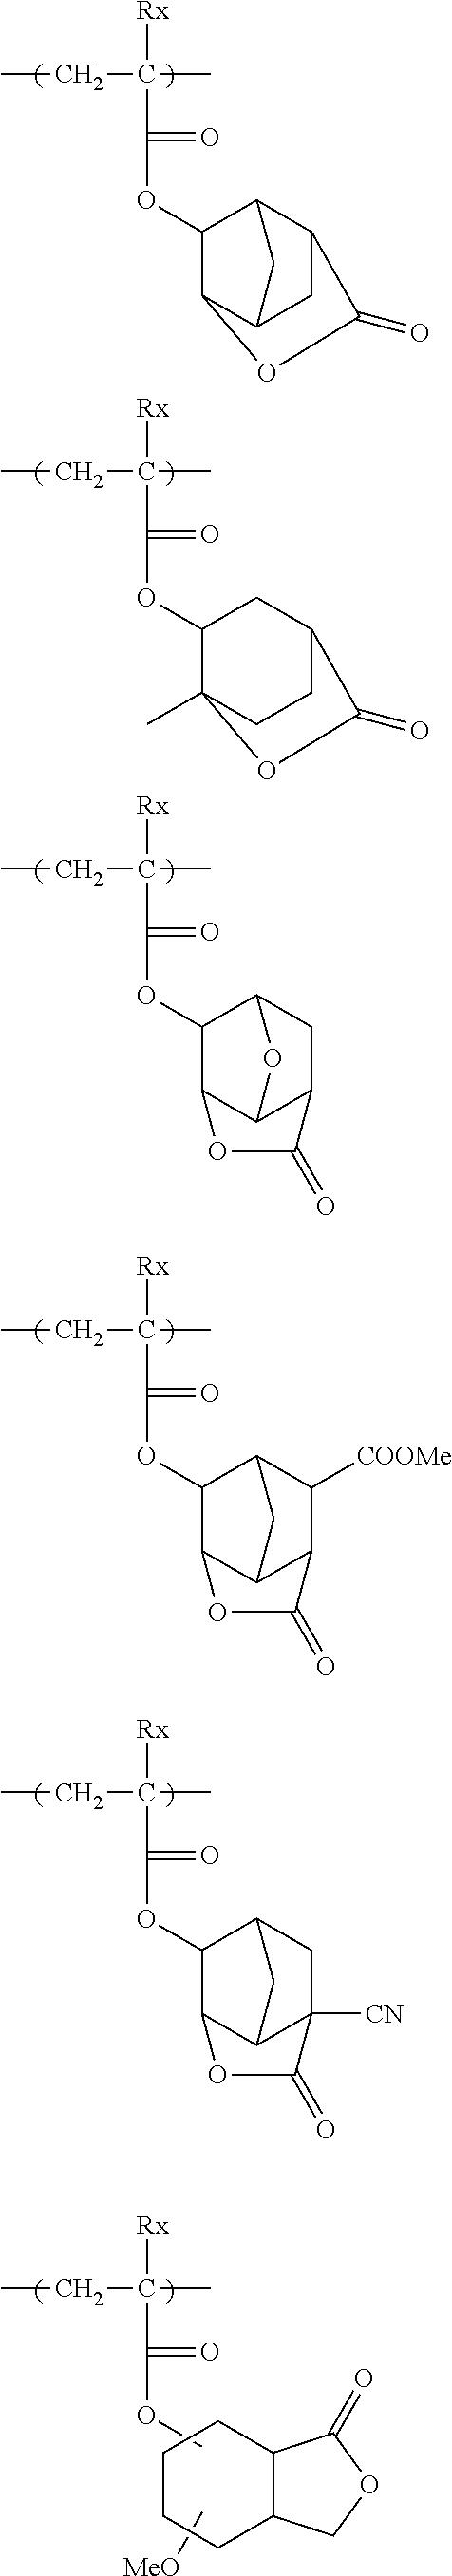 Figure US08476001-20130702-C00030